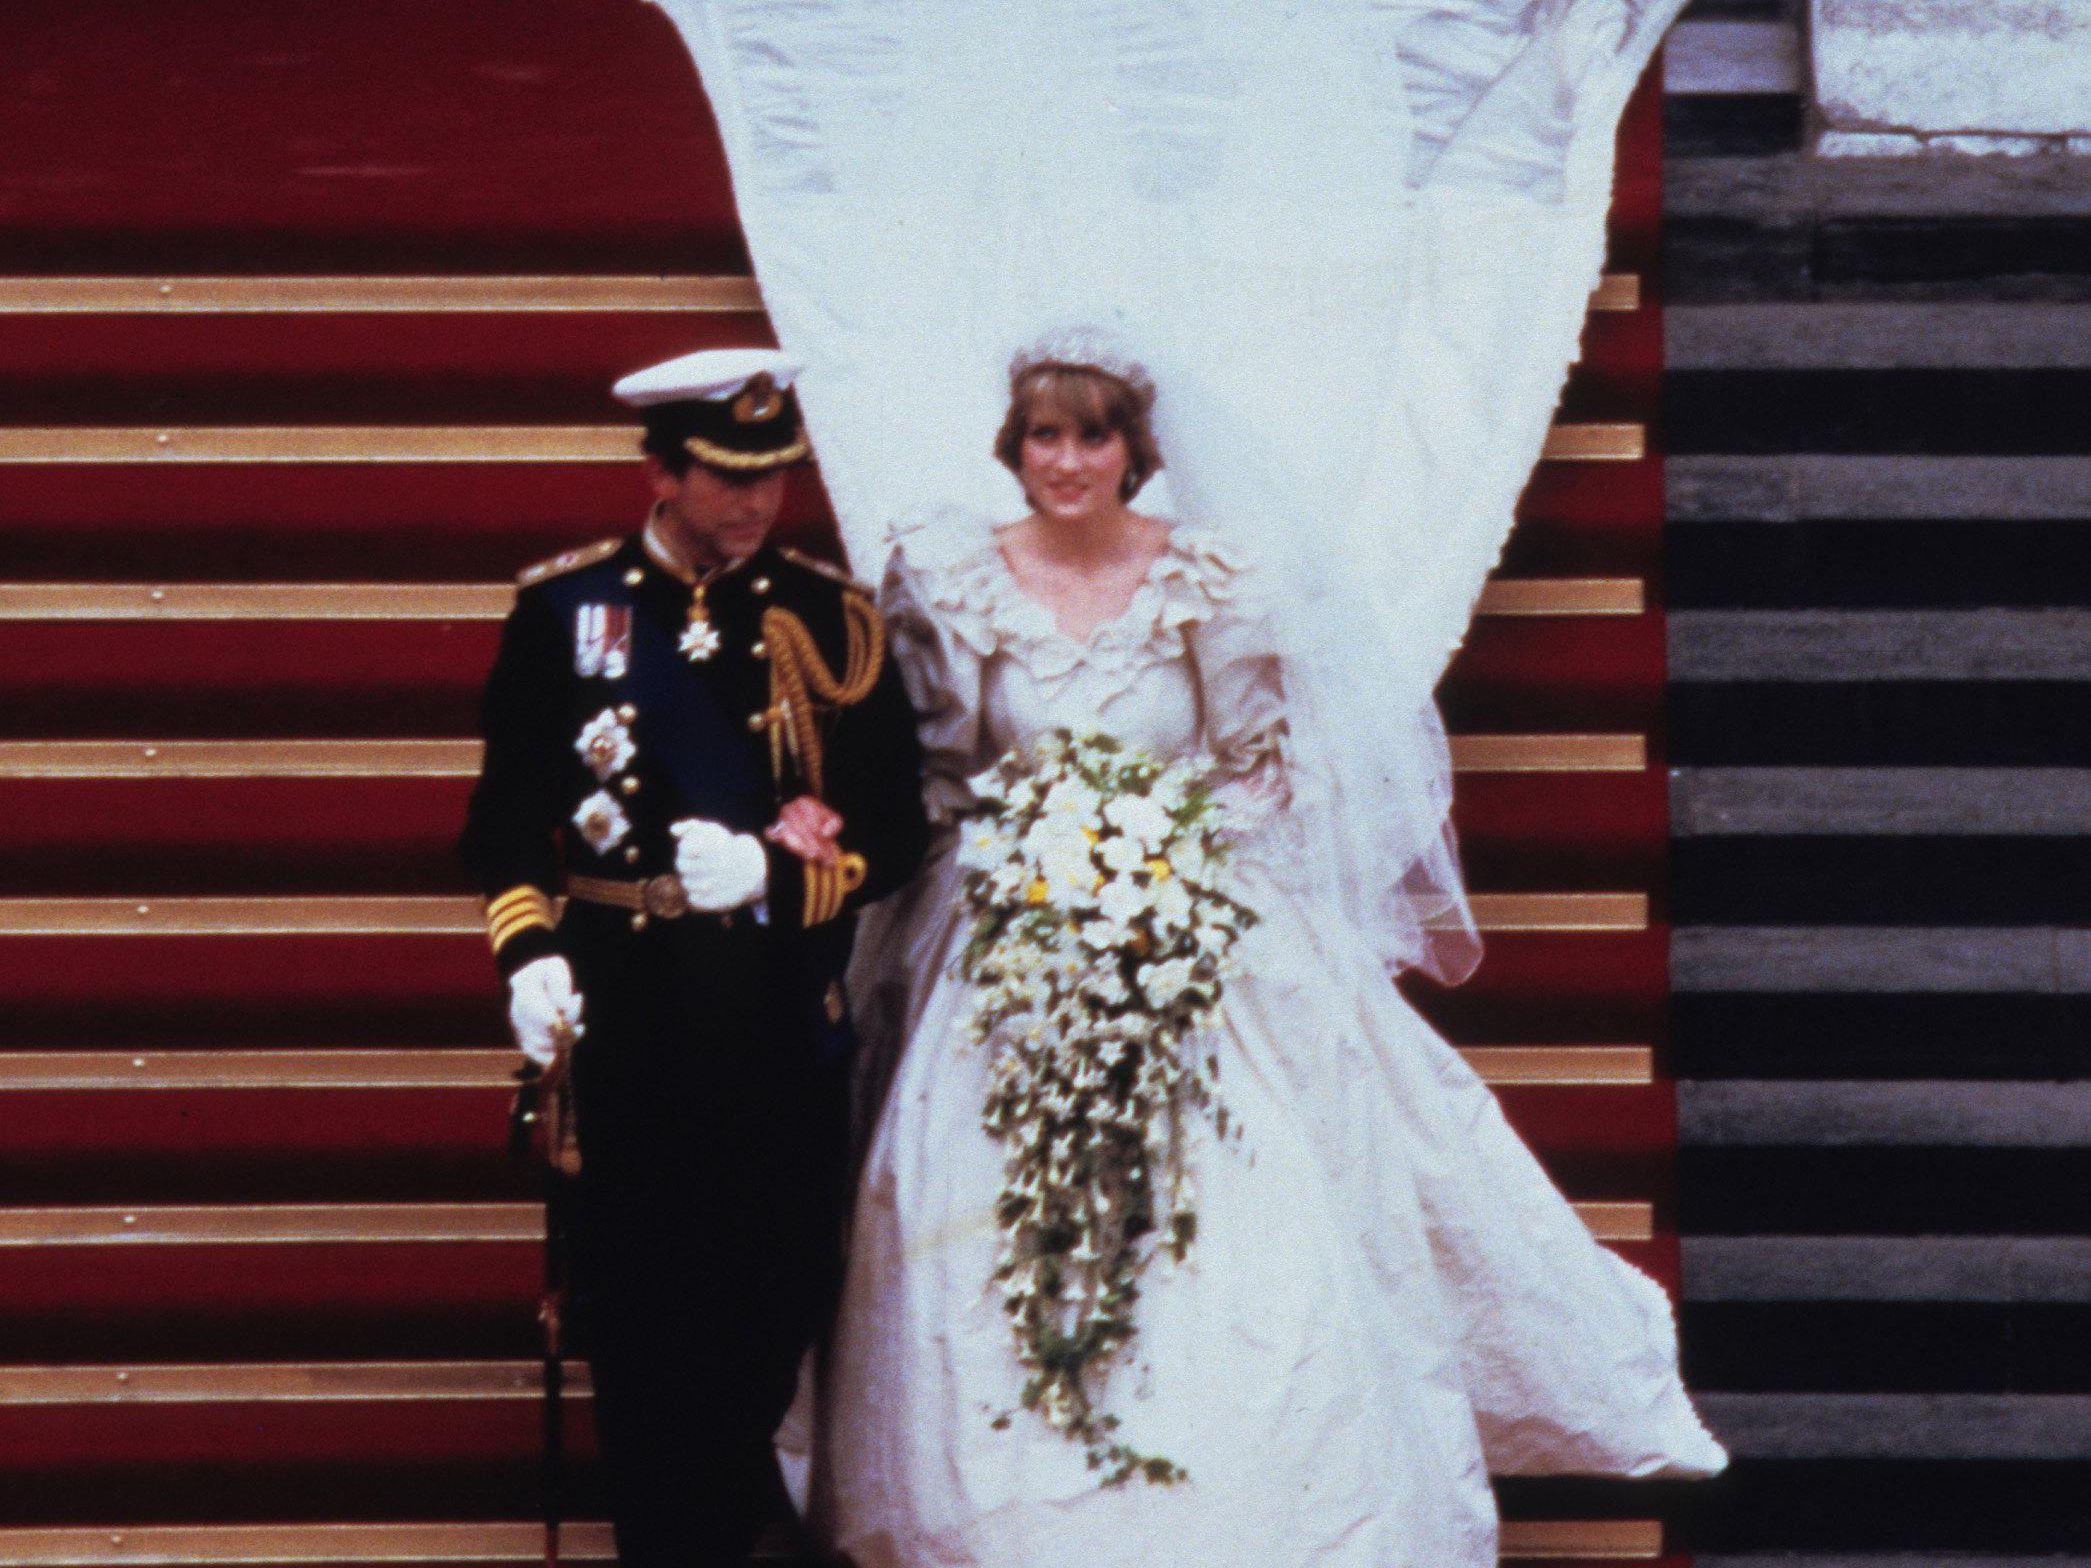 princess diana s wedding dress designer created a secret second gown princess diana s wedding dress designer